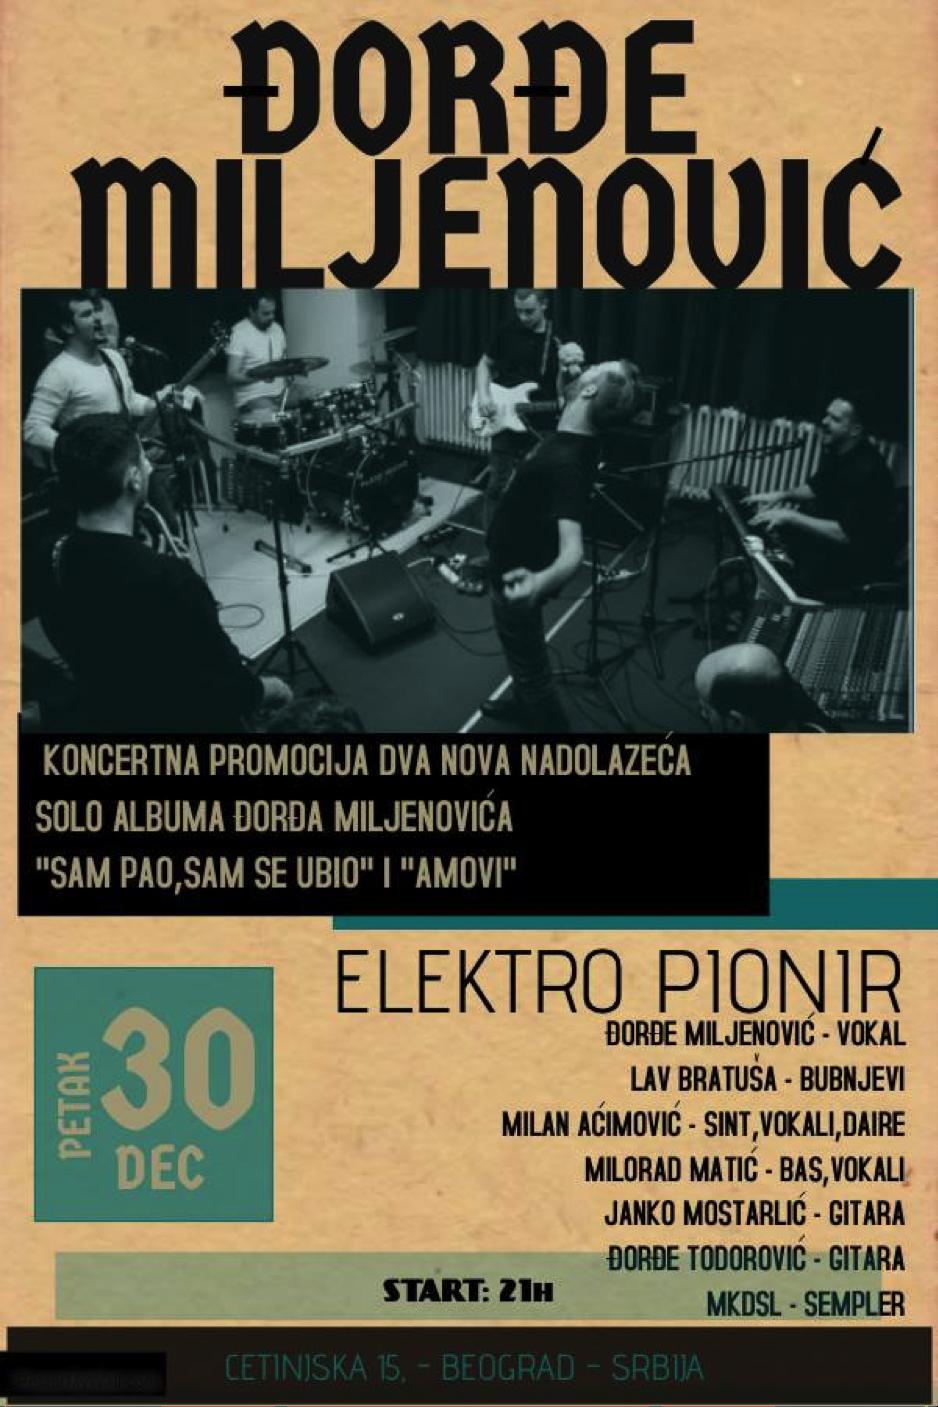 Đorđe Miljenović koncert